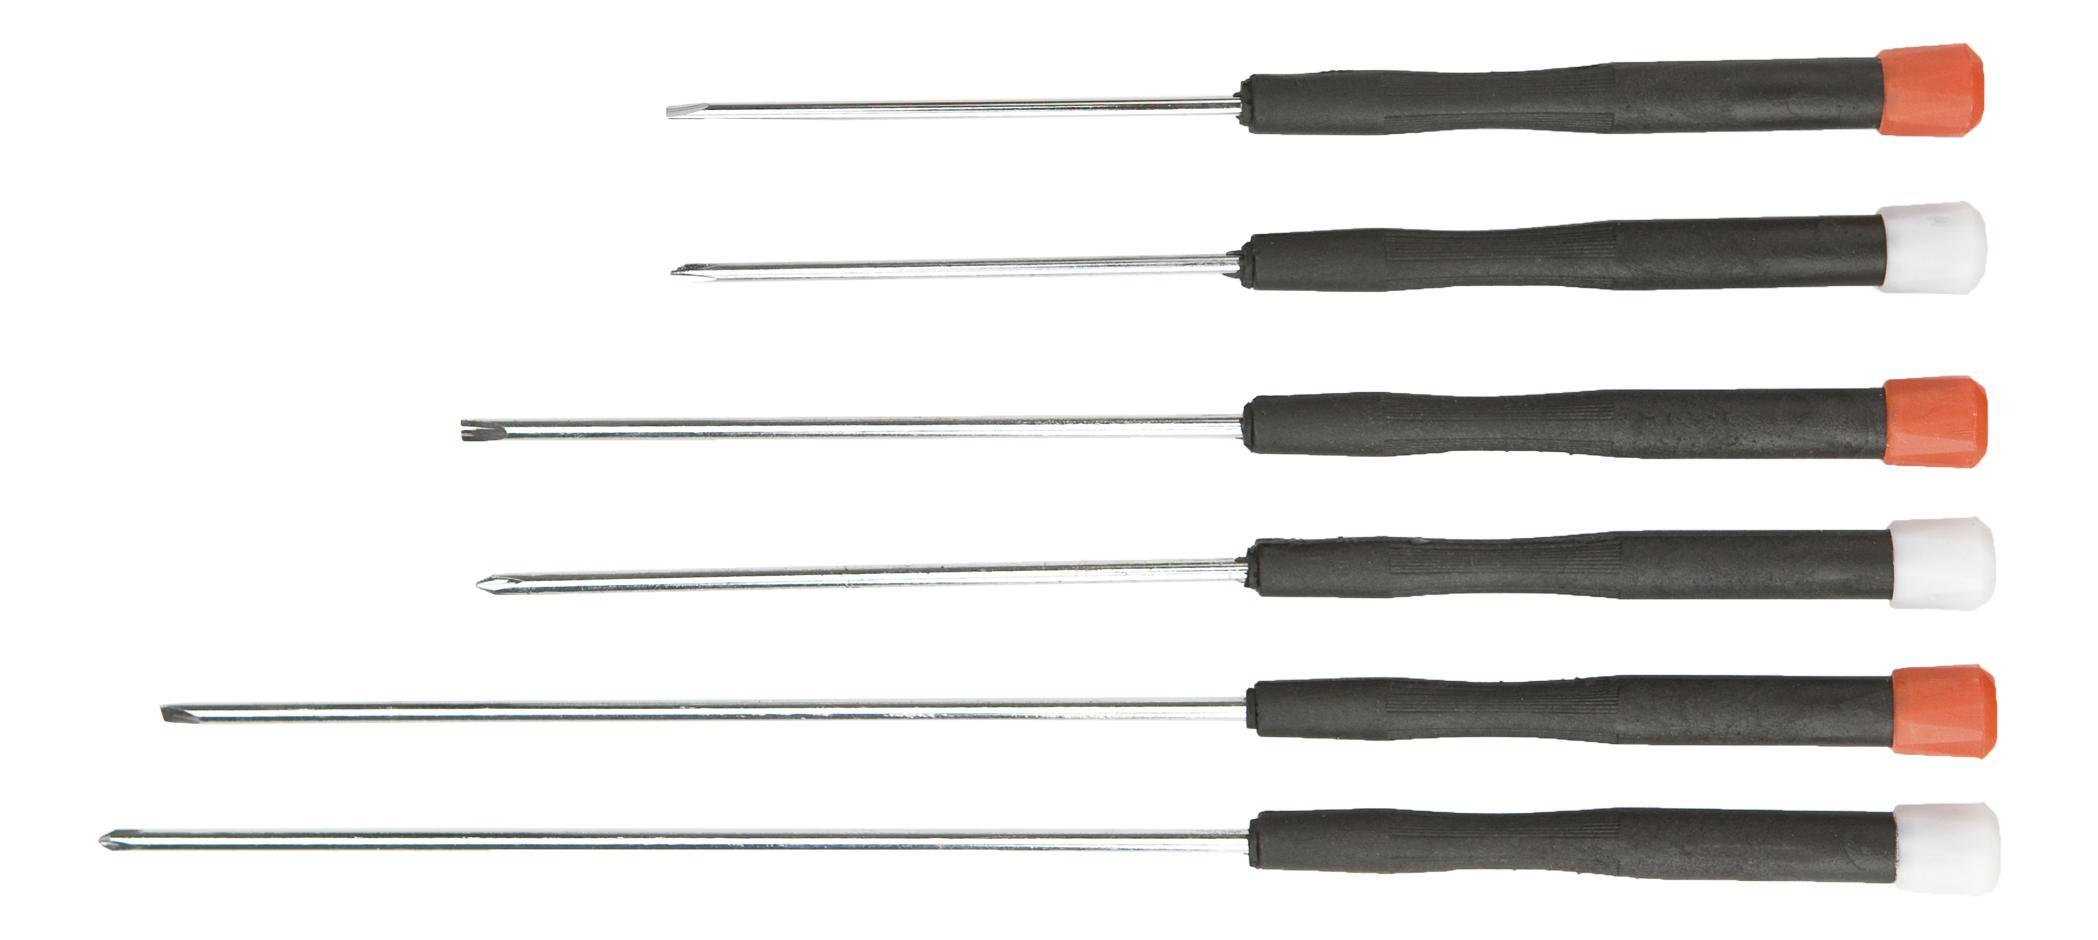 Набор отверток Top tools 39d195 набор отверток для точных работ 6 шт gross 13346